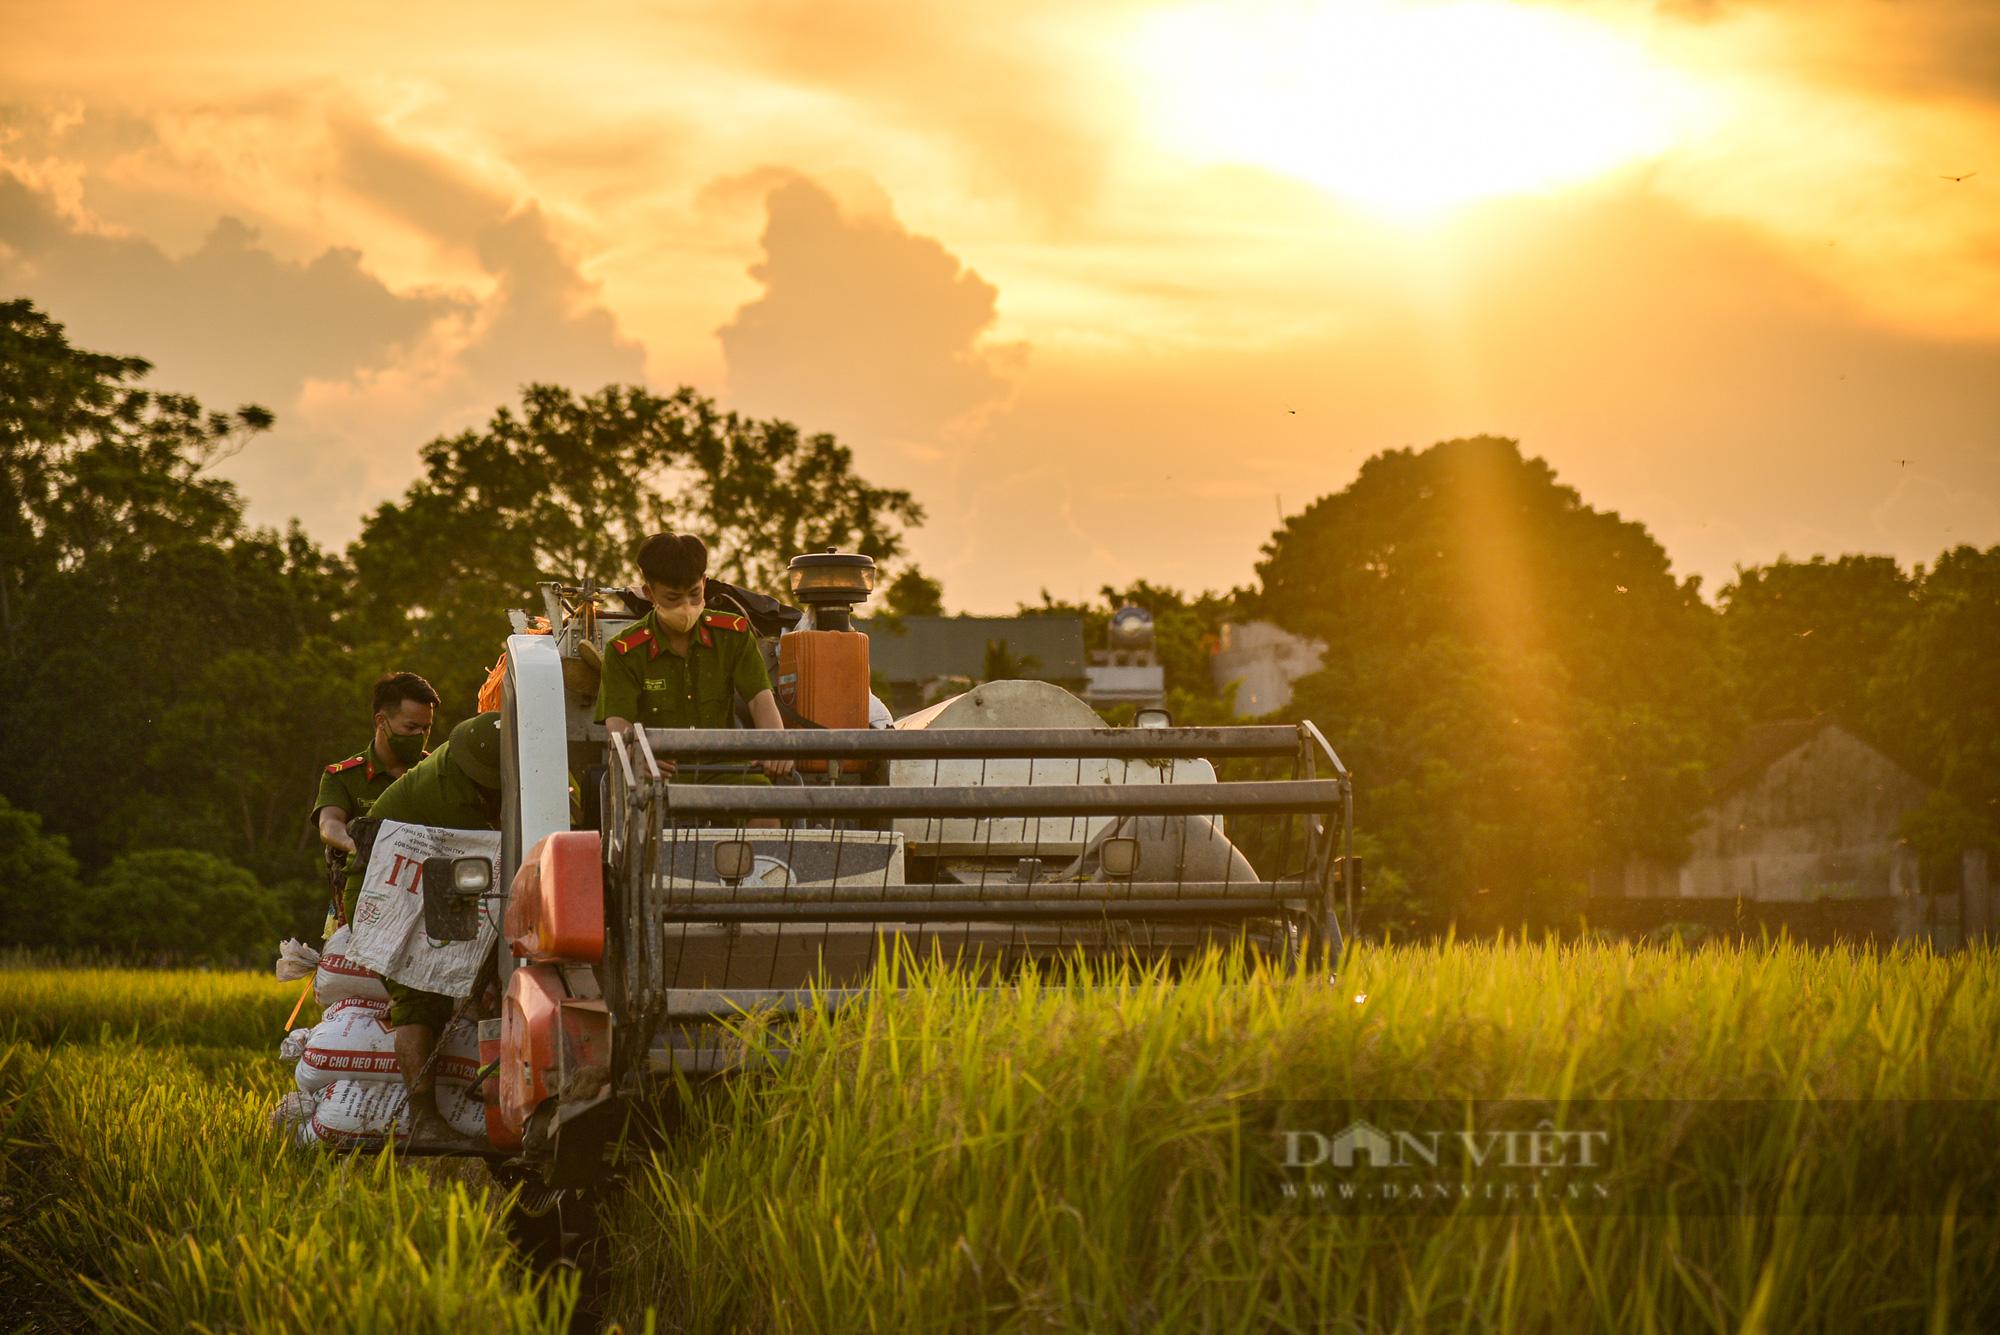 Hình ảnh chiến sĩ công an lội ruộng, ăn cơm vội để thu hoạch lúa giúp 141 hộ ở vùng cách ly y tế - Ảnh 5.